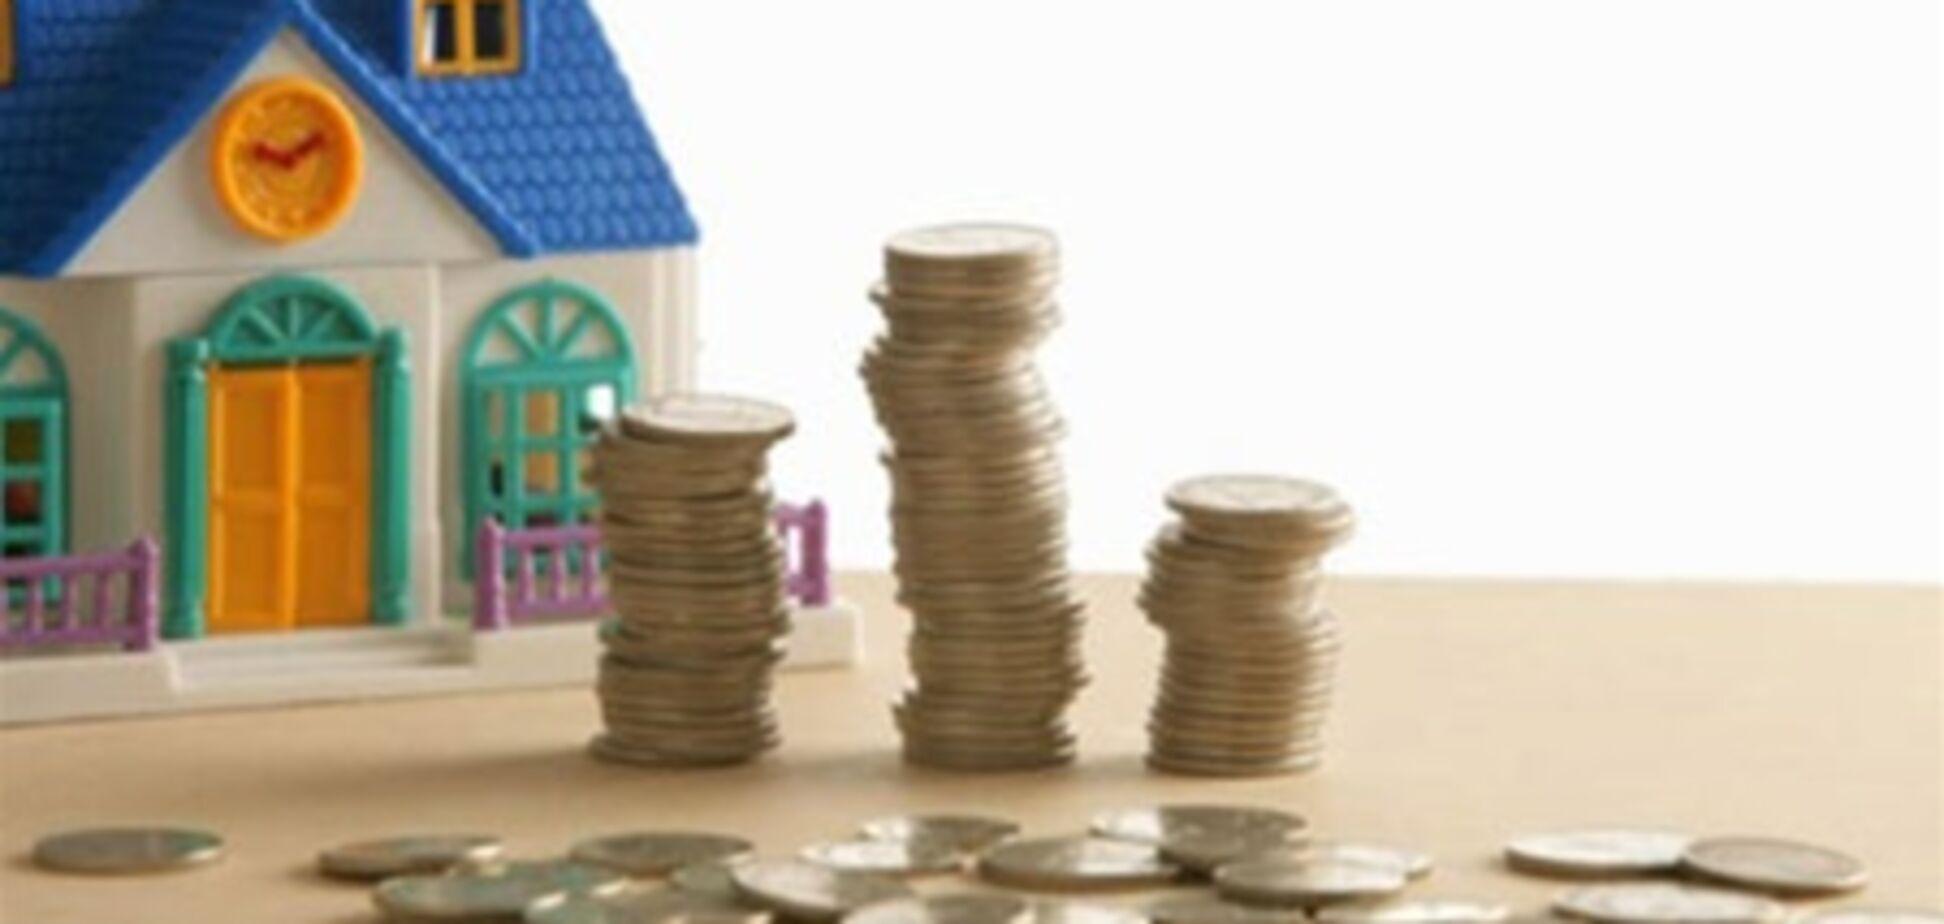 Как правильно взять ипотеку. Поэтапная инструкция